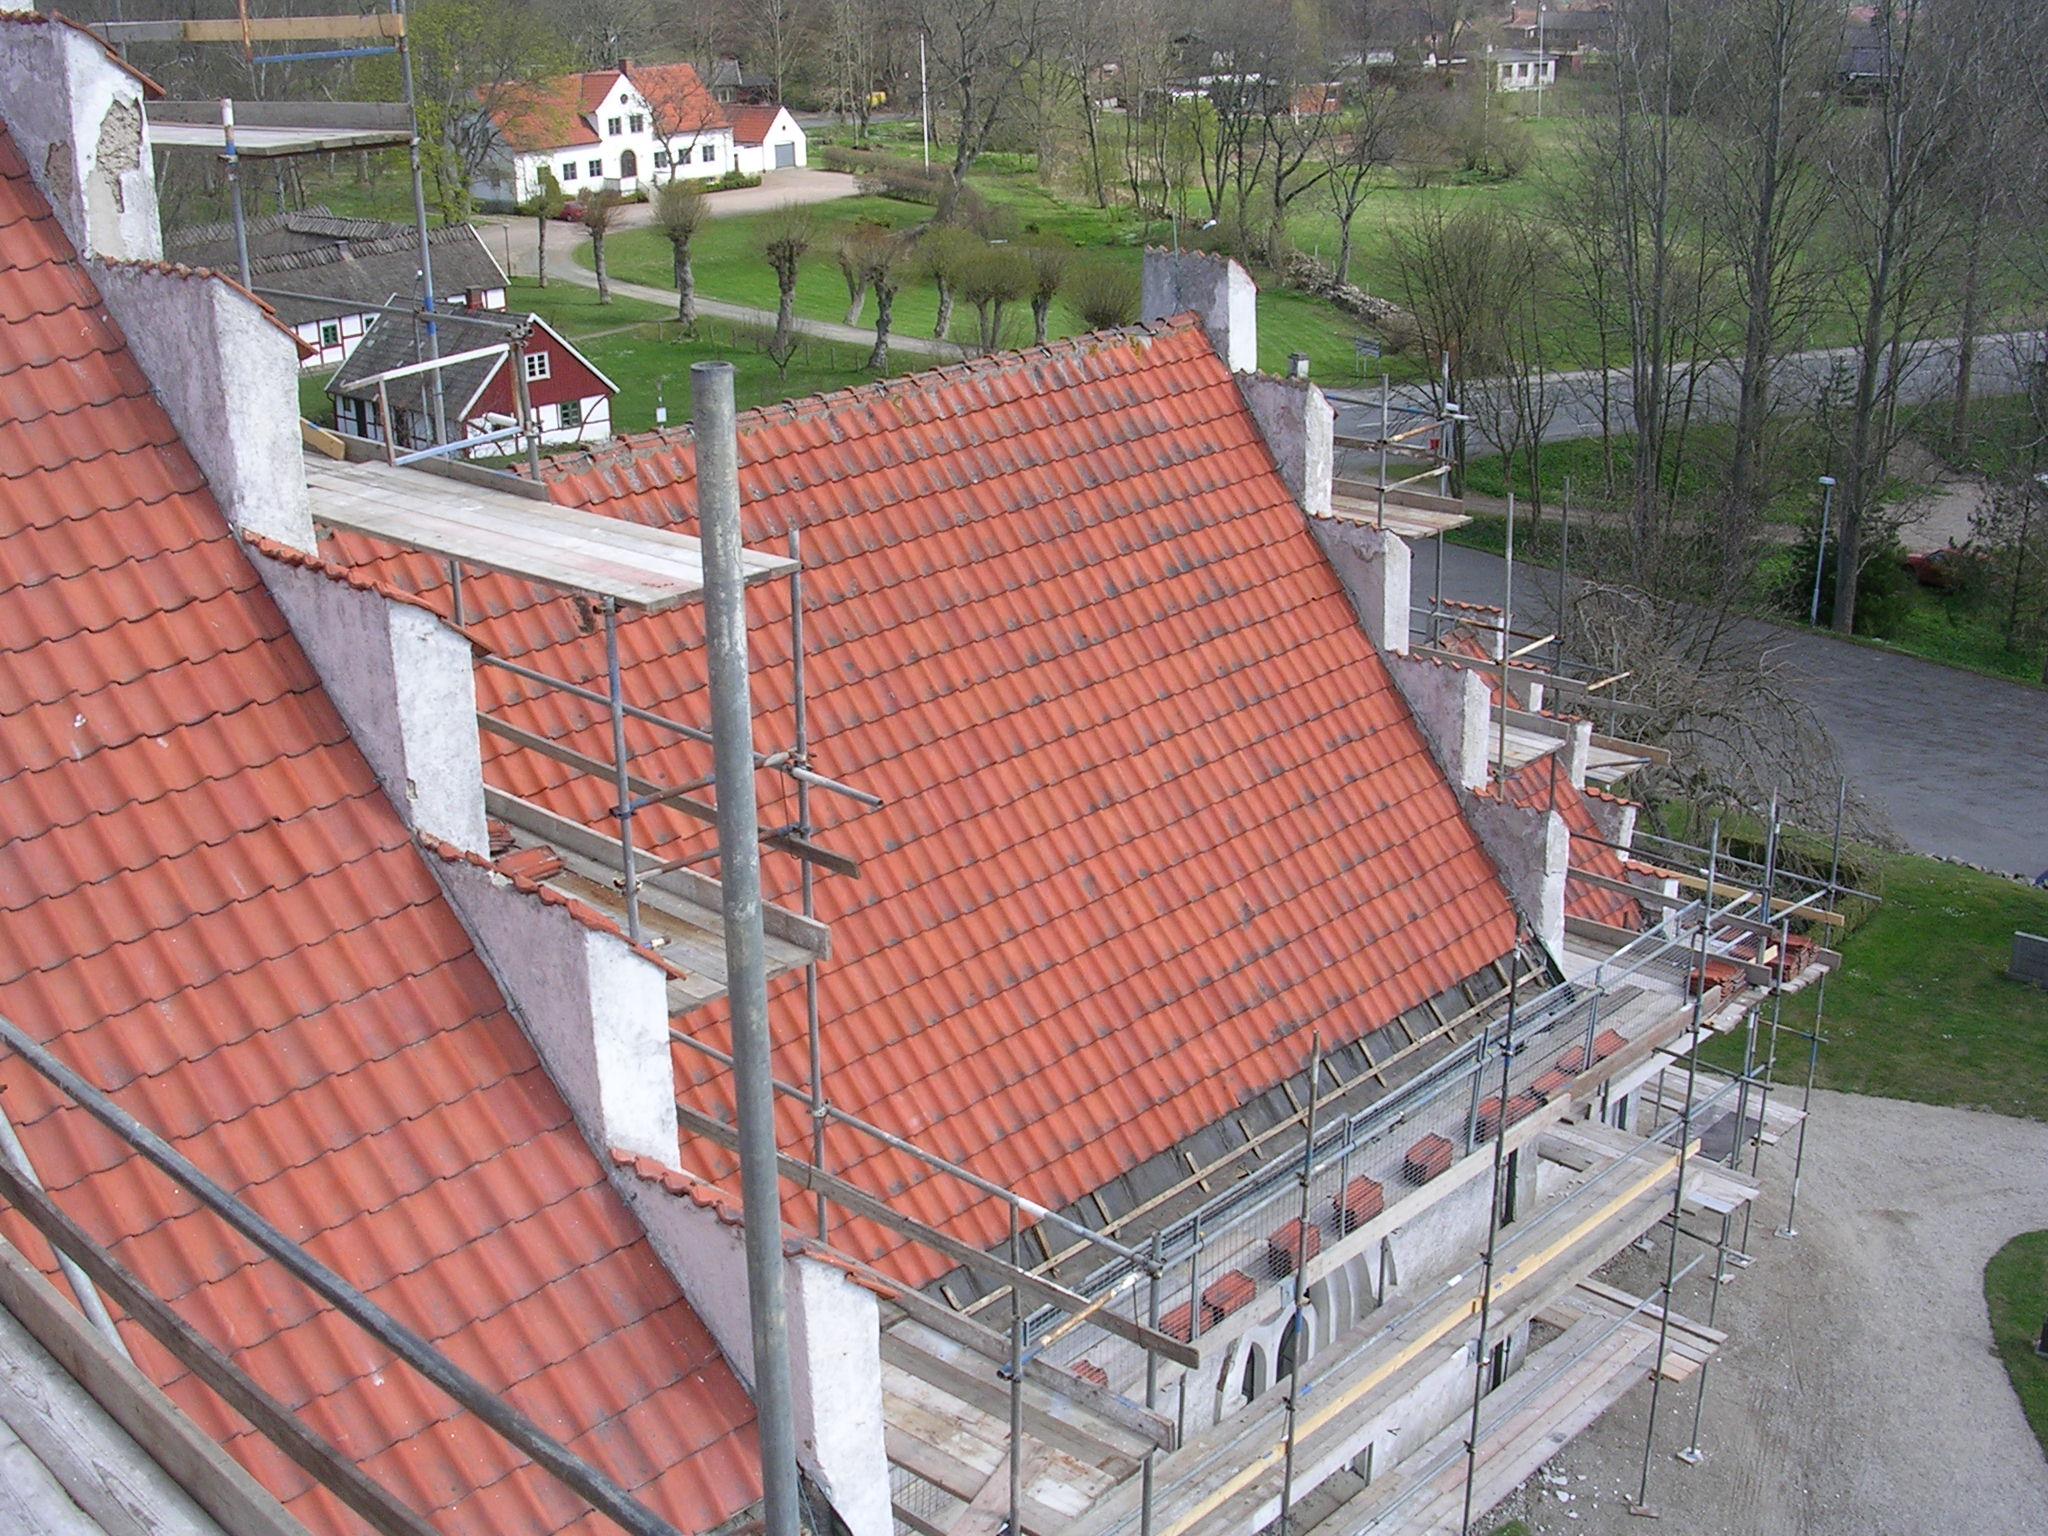 File:Sankt Olofs kyrka, taket 4.jpg - Wikimedia Commons